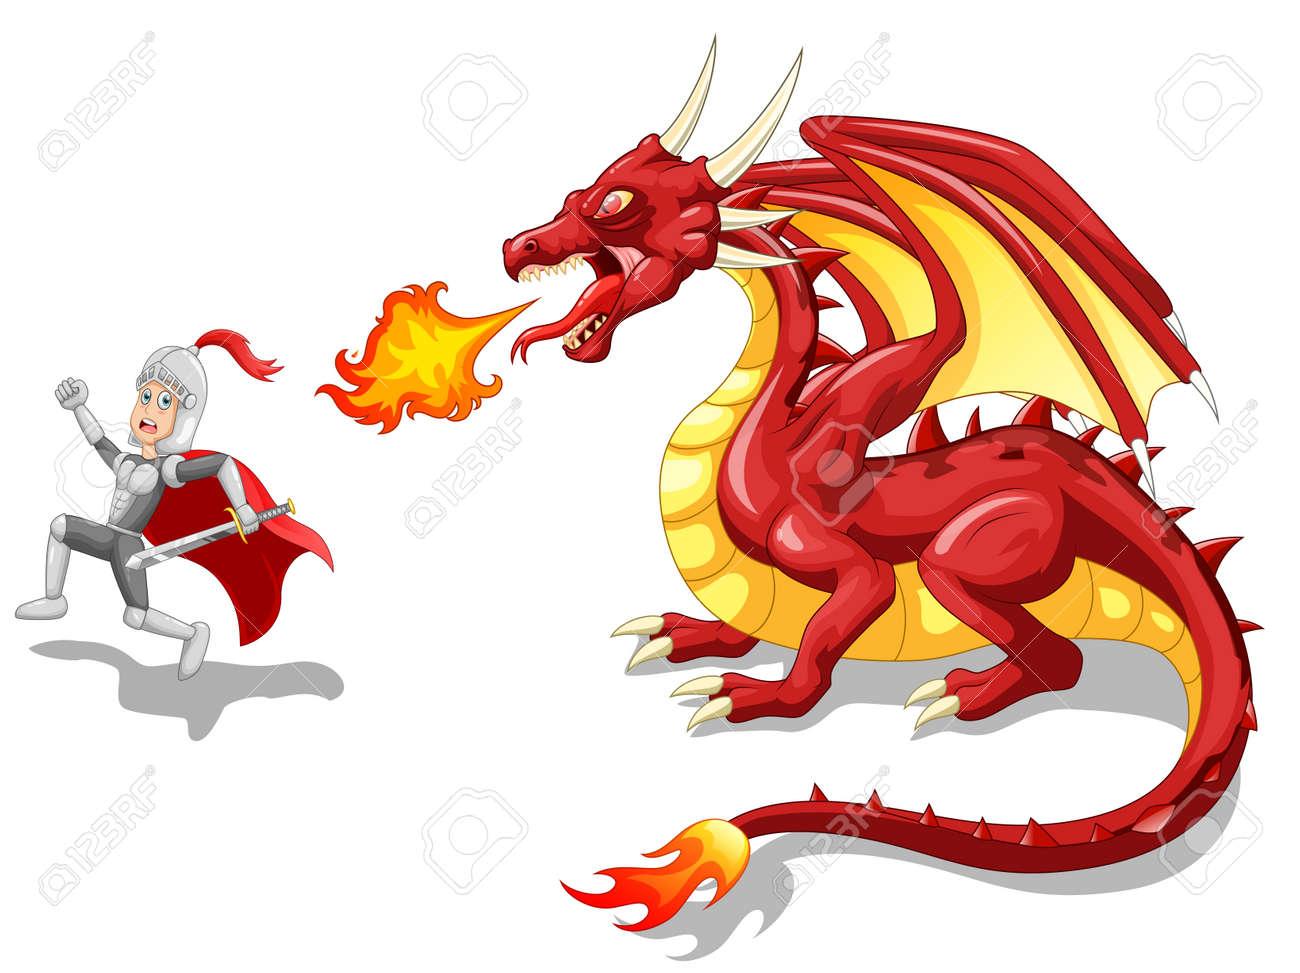 漫画激しい竜騎士ベクトル図のイラスト素材ベクタ Image 75100256